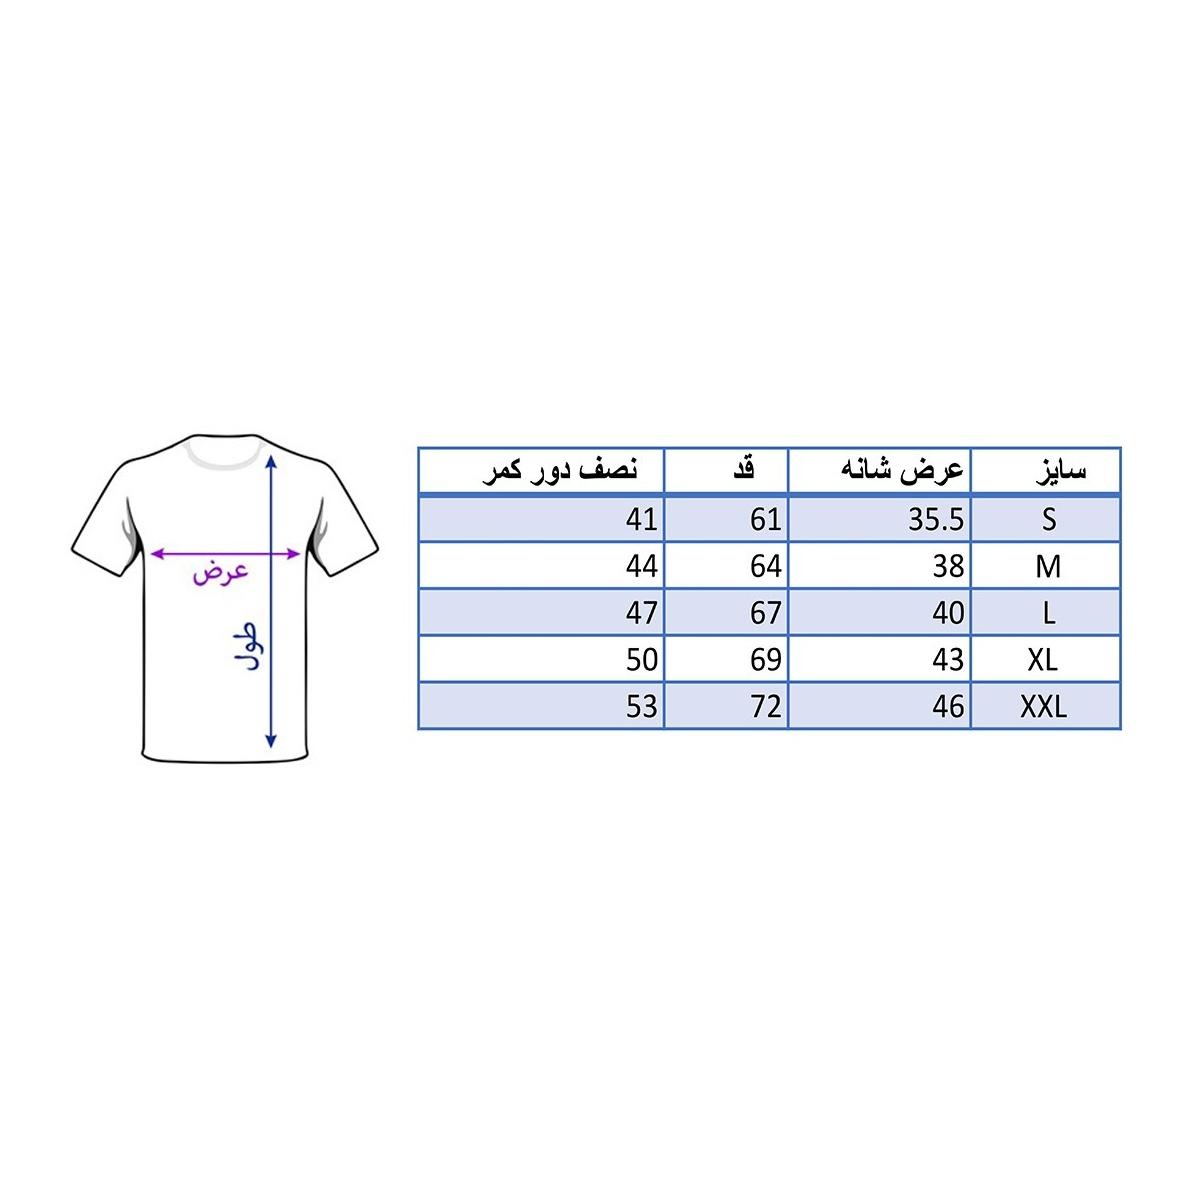 تی شرت آستین کوتاه طرح دریم کچر سالامین کد SA121 main 1 3